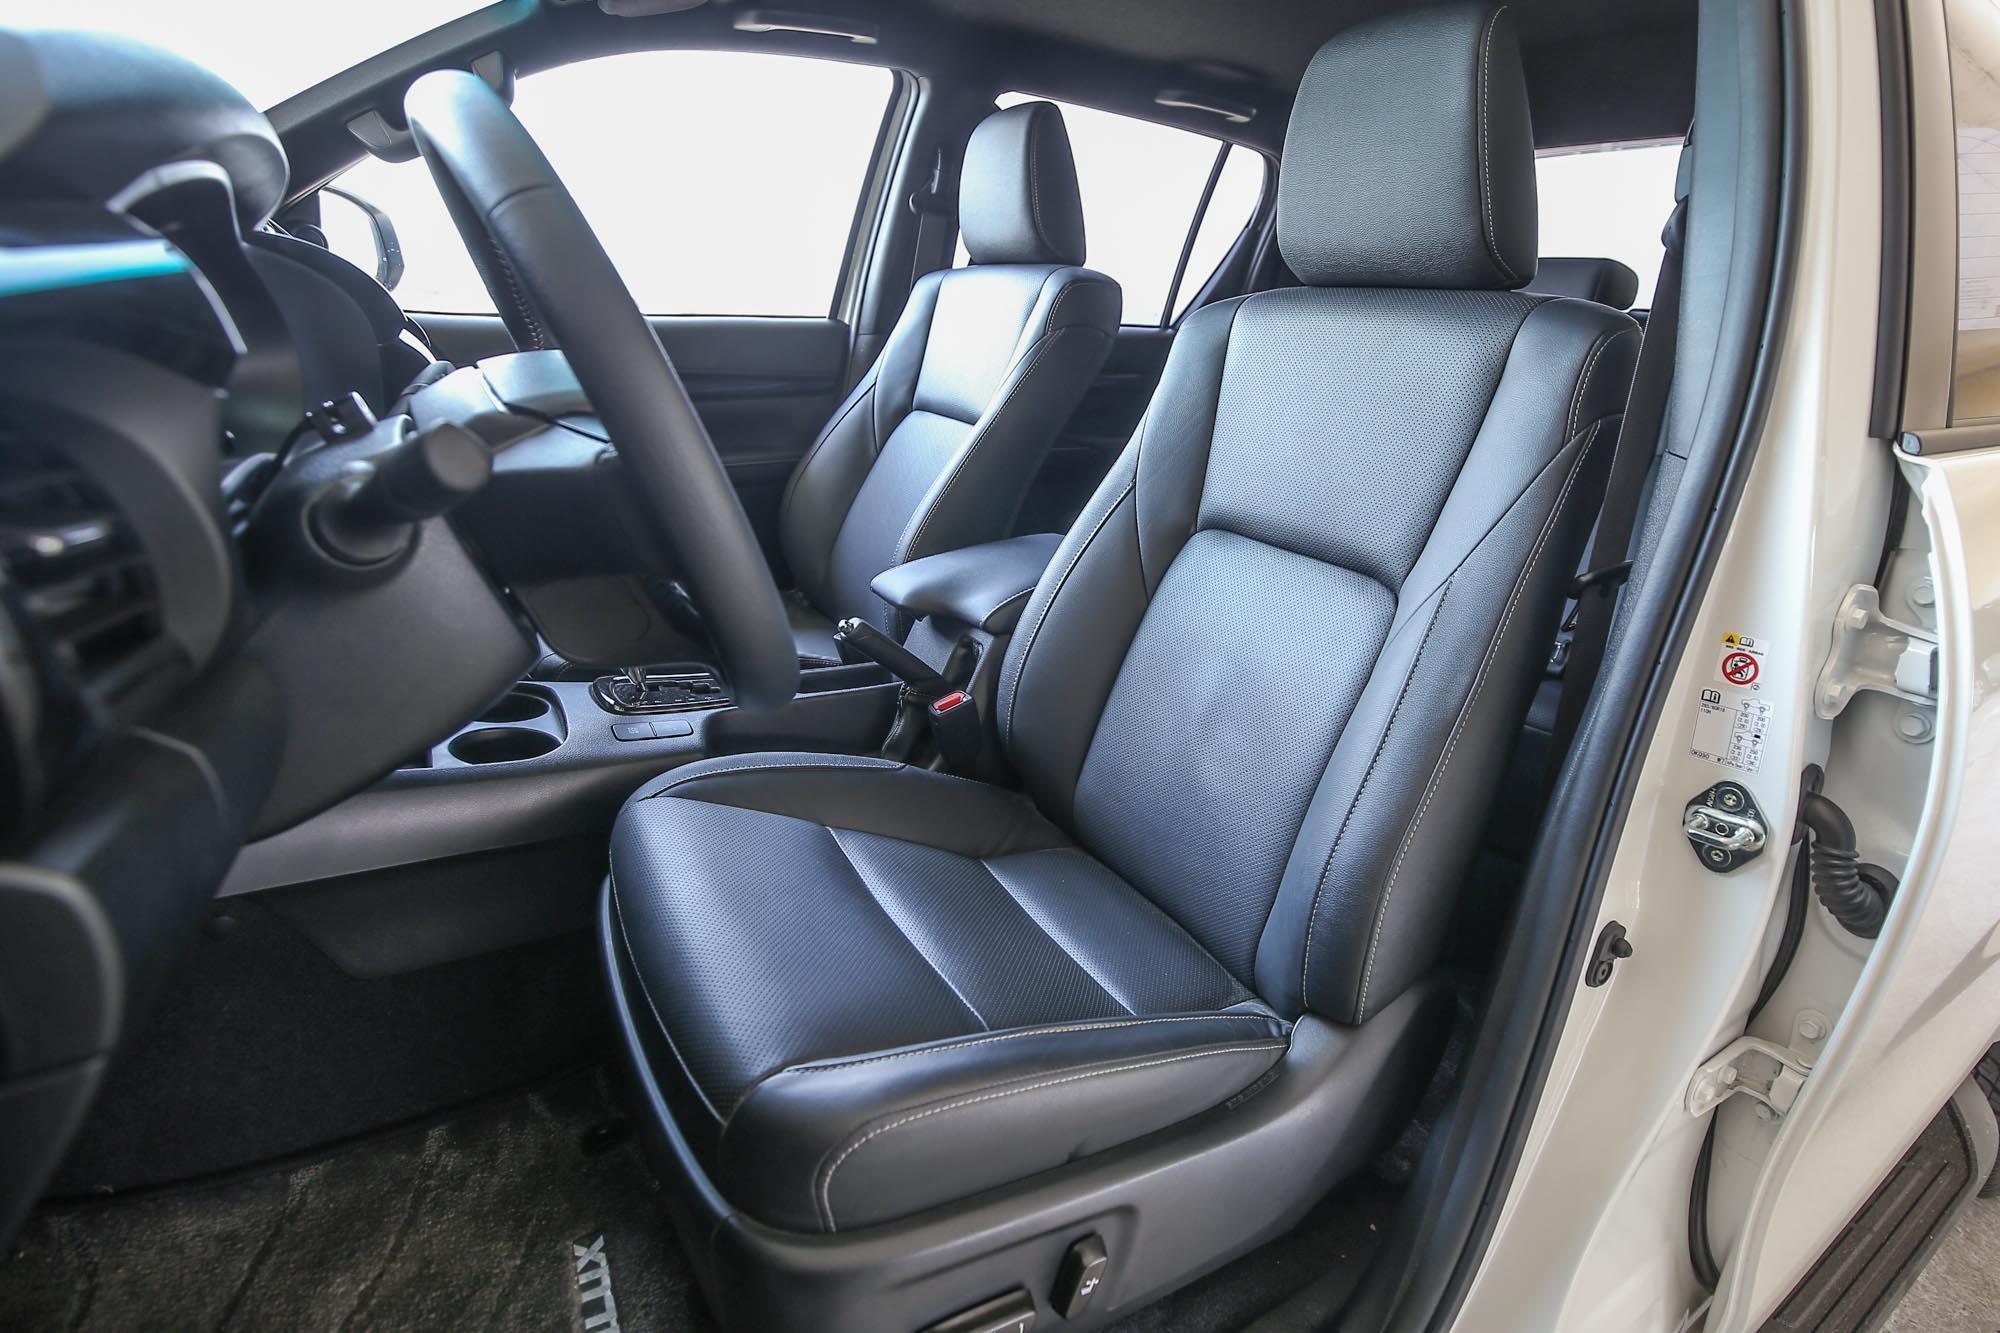 駕駛座具備電動八向調整功能。